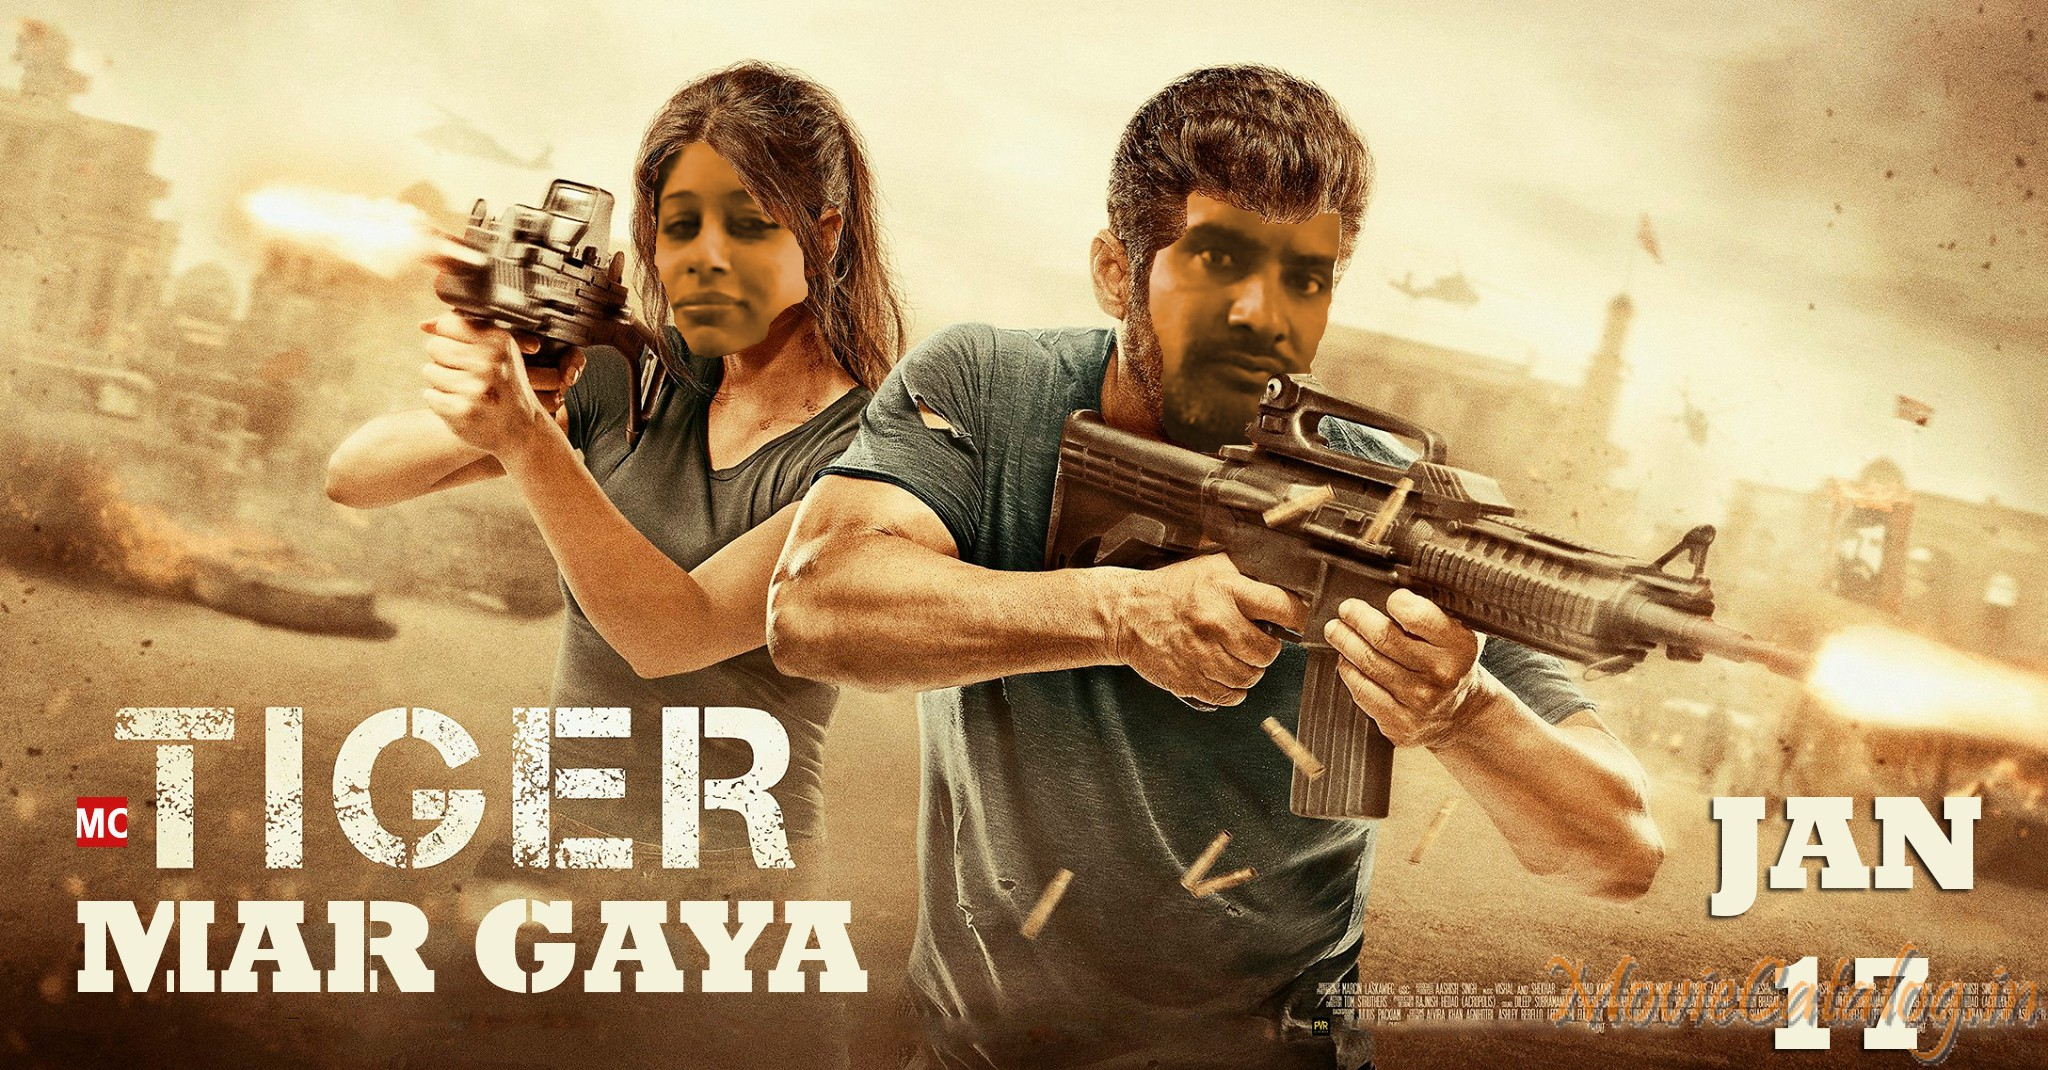 Tiger Mar Gaya Poster - Short film